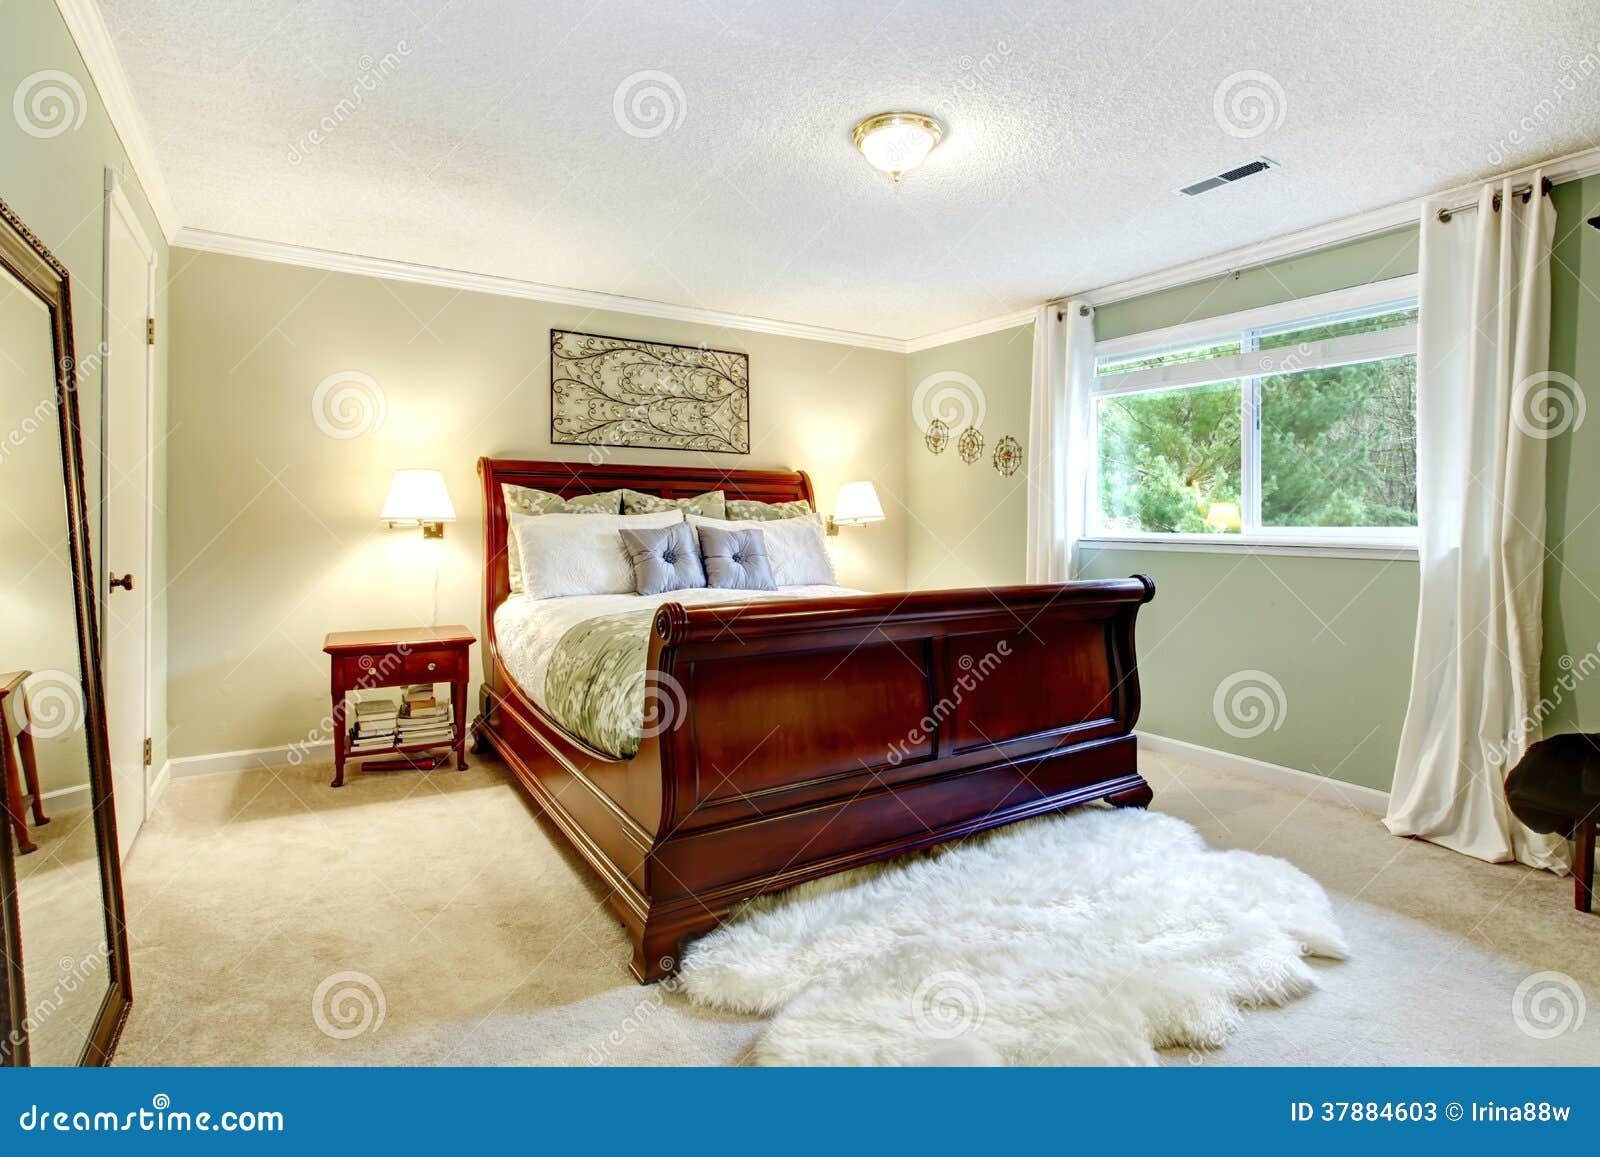 Camera da letto di rinfresco accogliente di colore della menta fotografie stock immagine 37884603 - Camera di letto usato ...